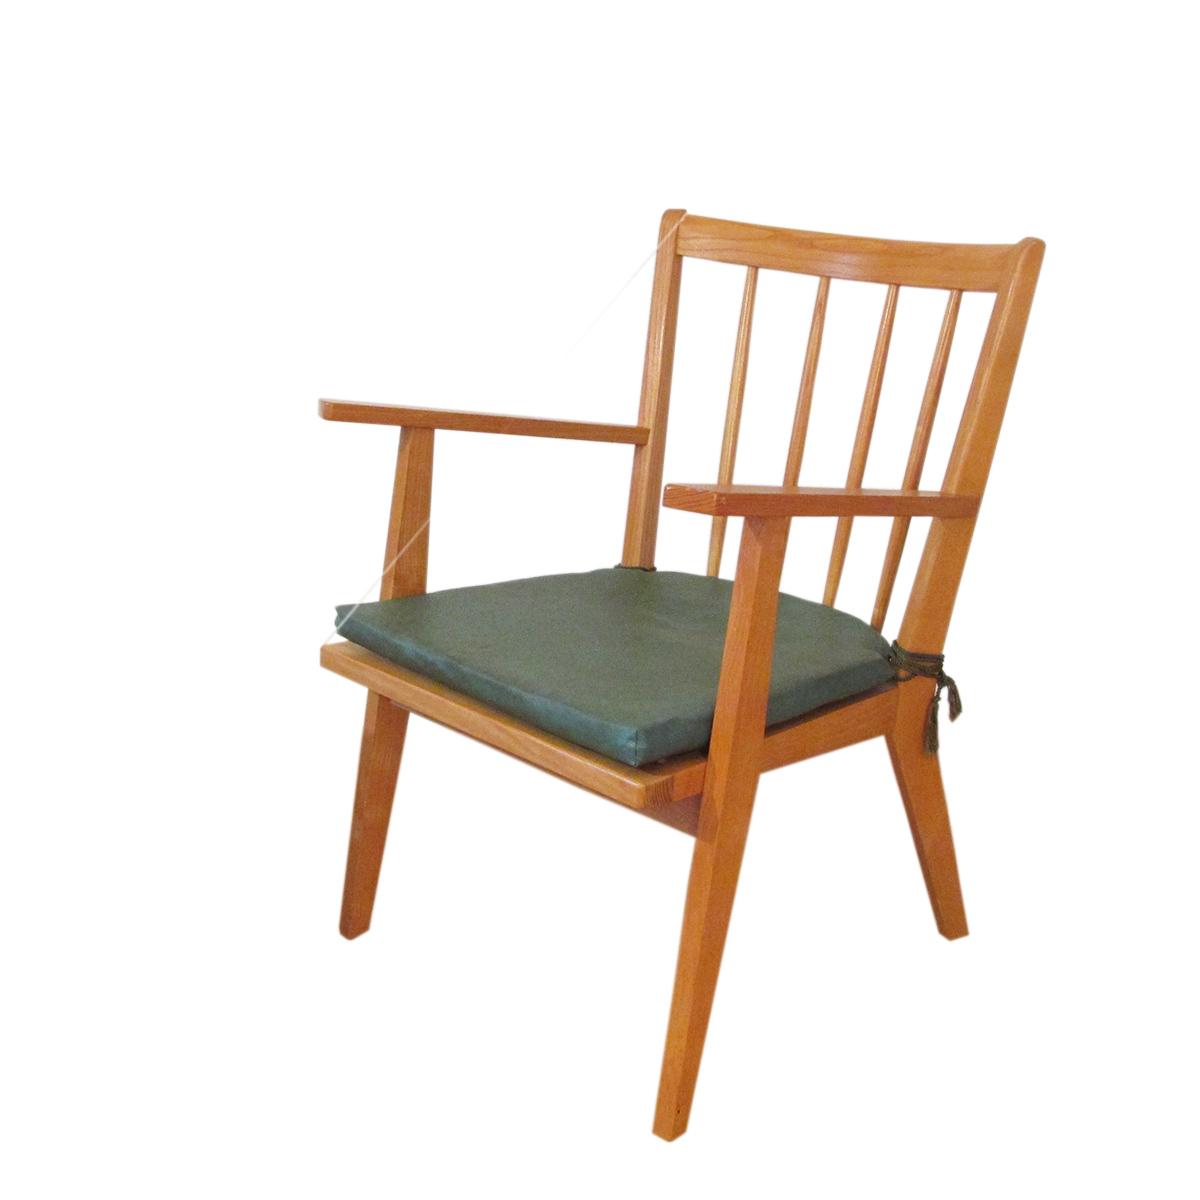 arm-chair-victoria-swiss-design-vintage